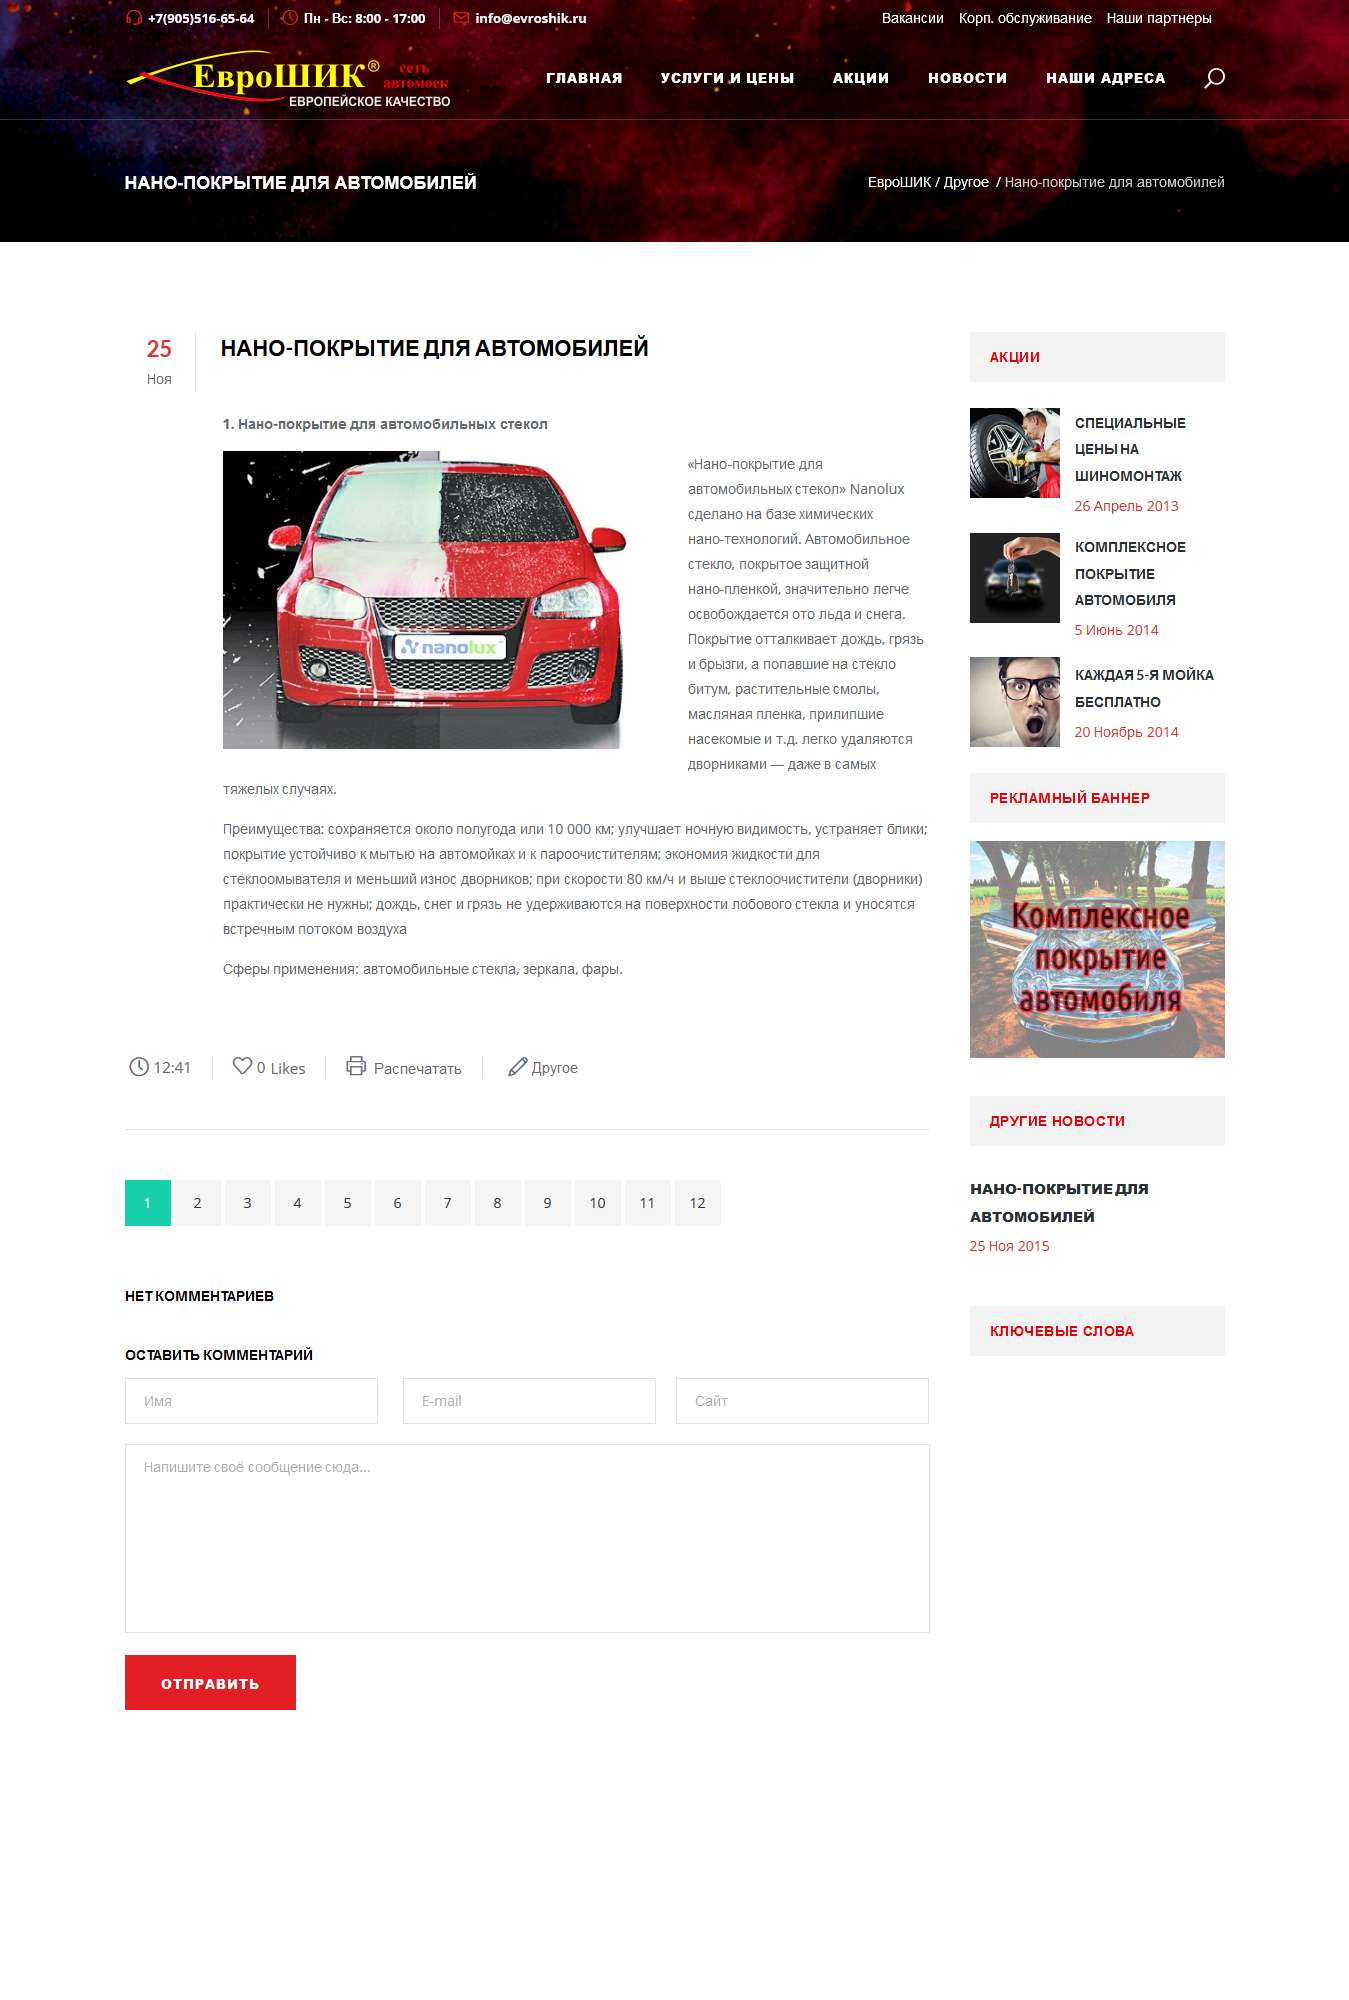 Пример сайта визитки - сеть автомоек - пример многостраничной записи